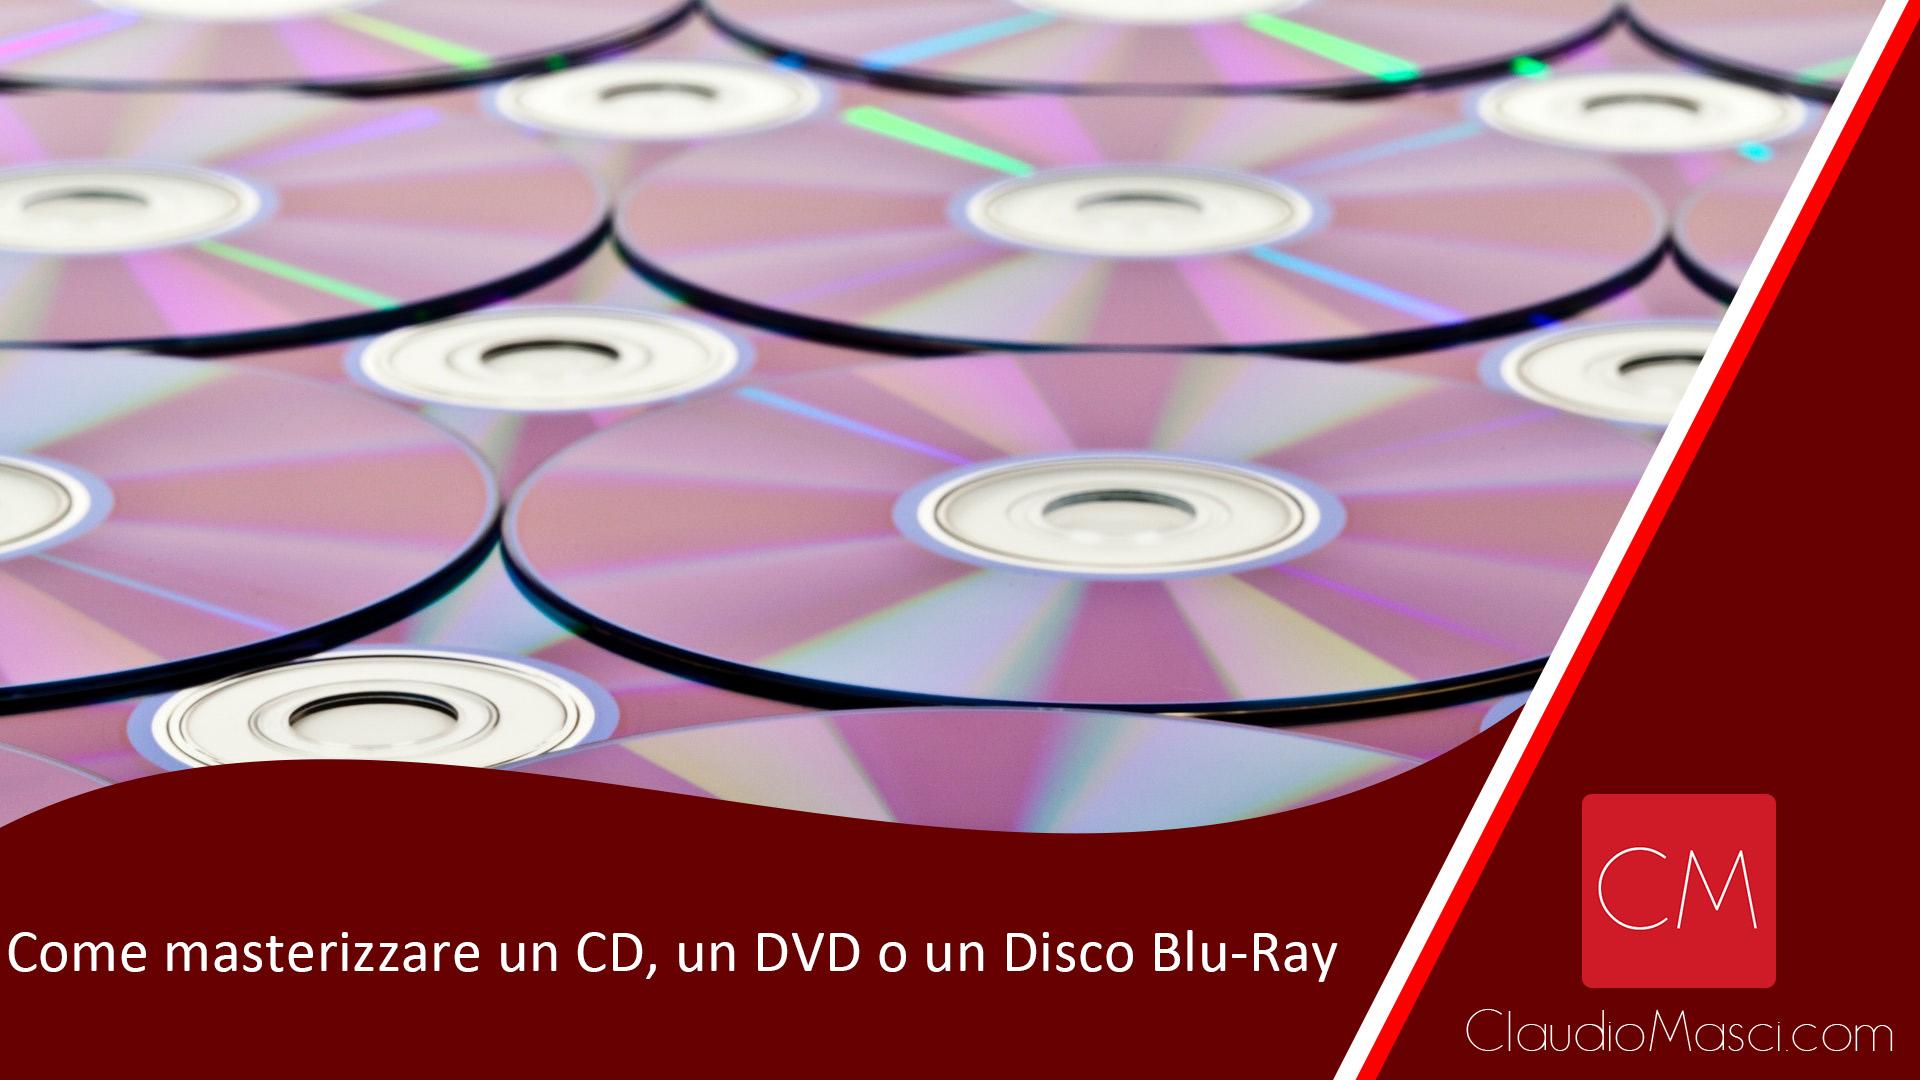 Come masterizzare un CD, un DVD o un Disco Blu-Ray